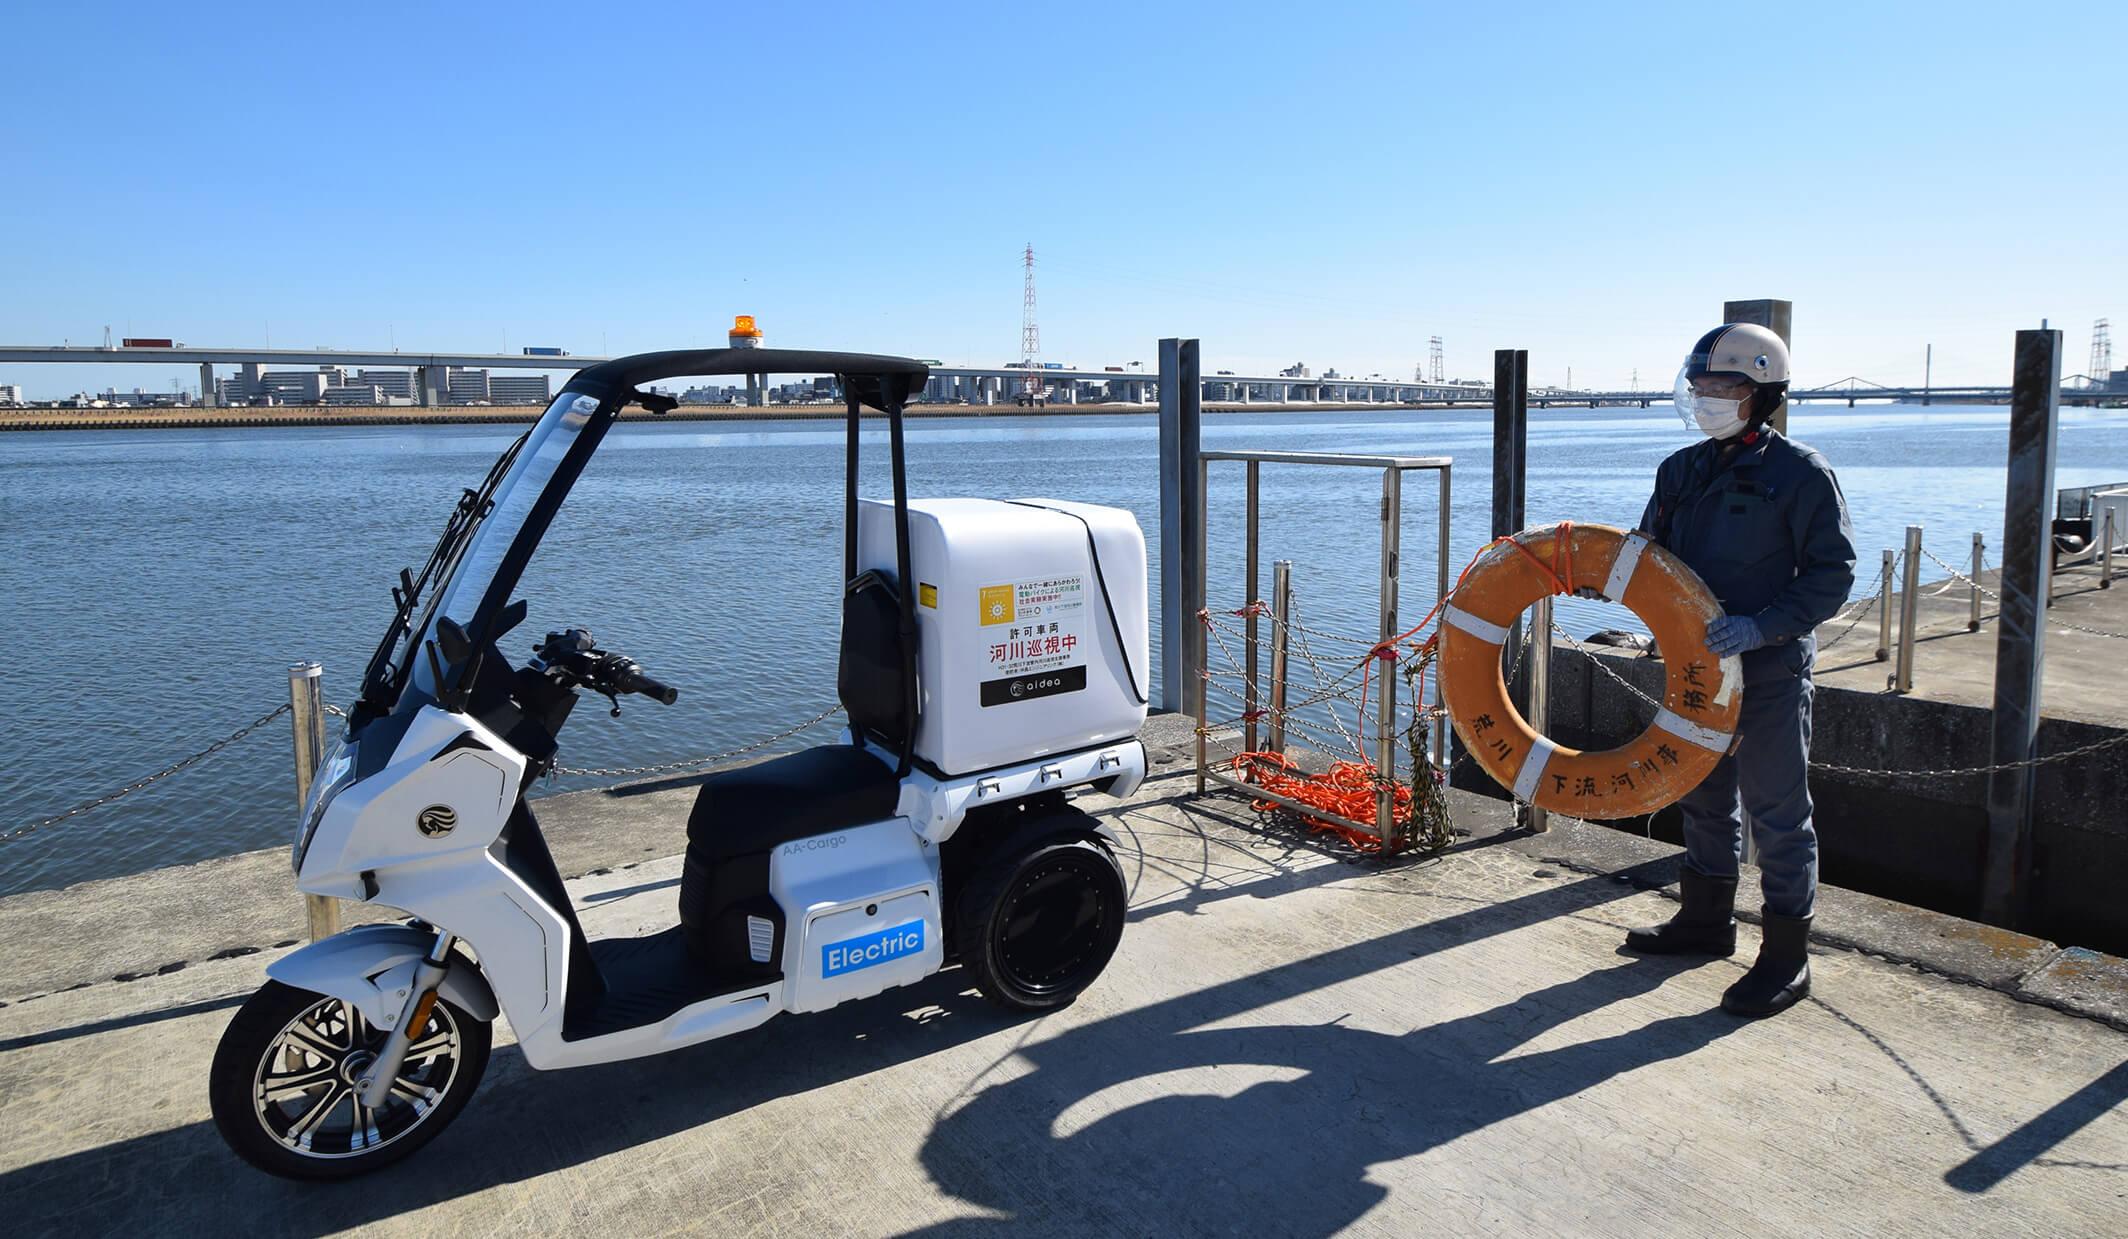 【アイディア】電動3輪バイク「AA カーゴ」が荒川河川巡視の社会実験に採用 記事1